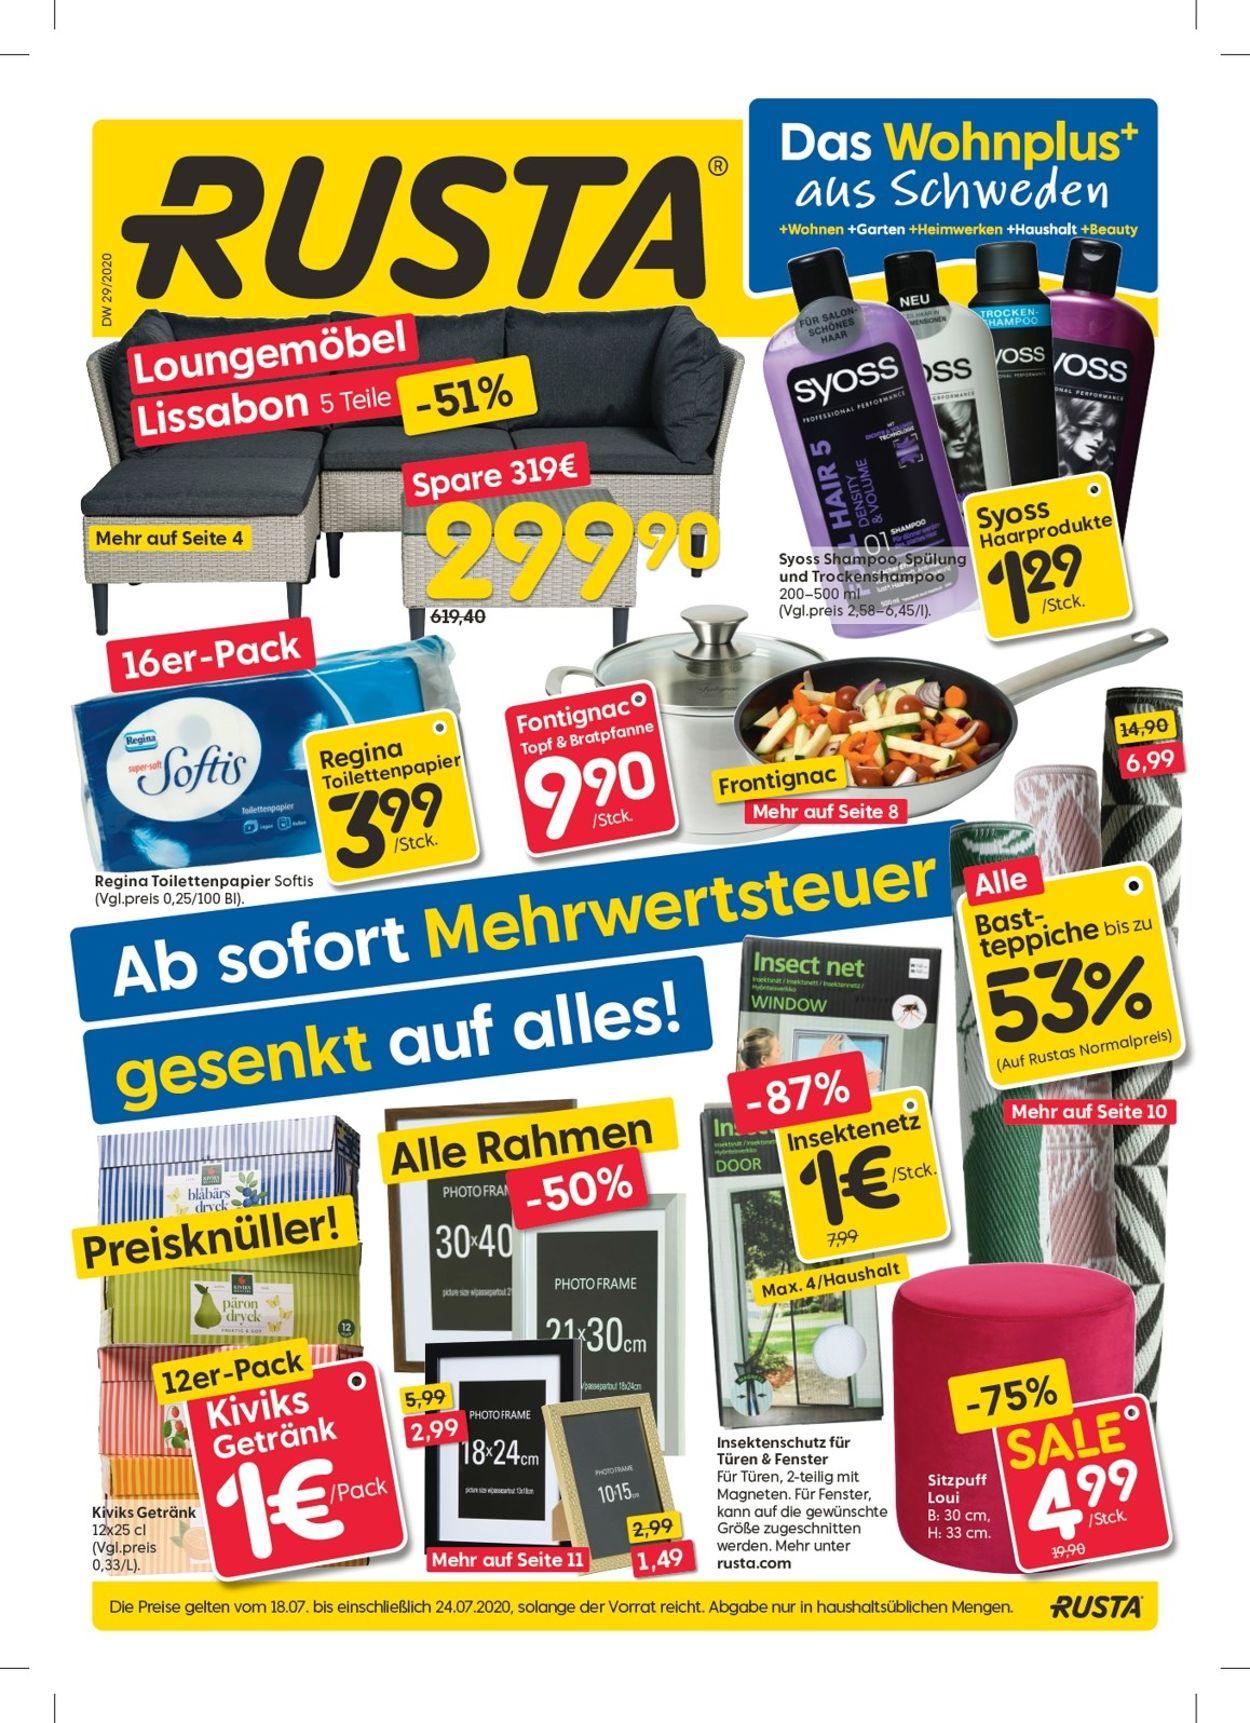 Rusta Prospekt - Aktuell vom 18.07-24.07.2020